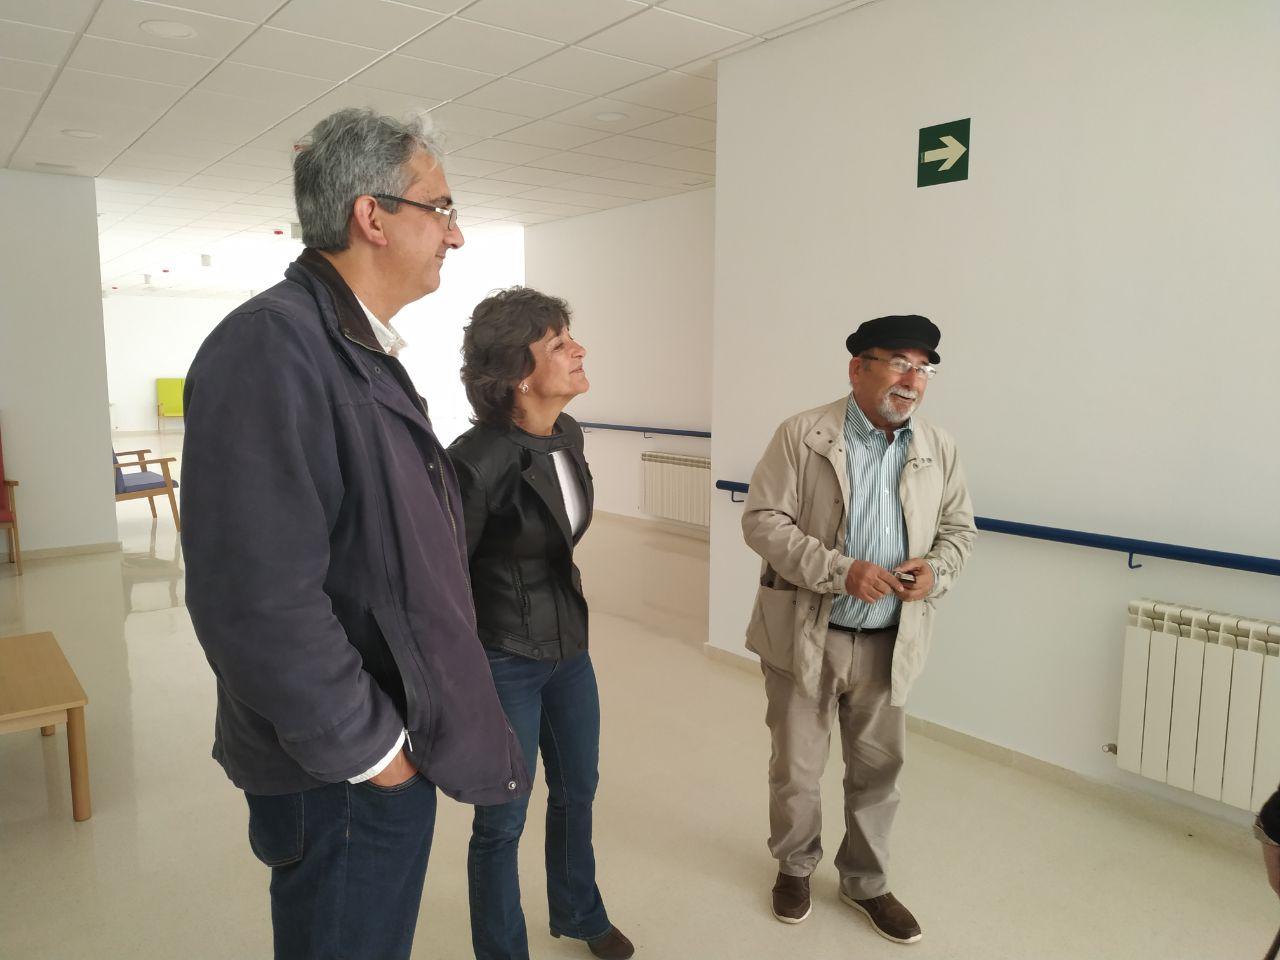 """Amparo Botejara: """"El sistema universal de atención a la dependencia que propone Unidas Podemos generaría 400.000 nuevos puestos de trabajo"""""""